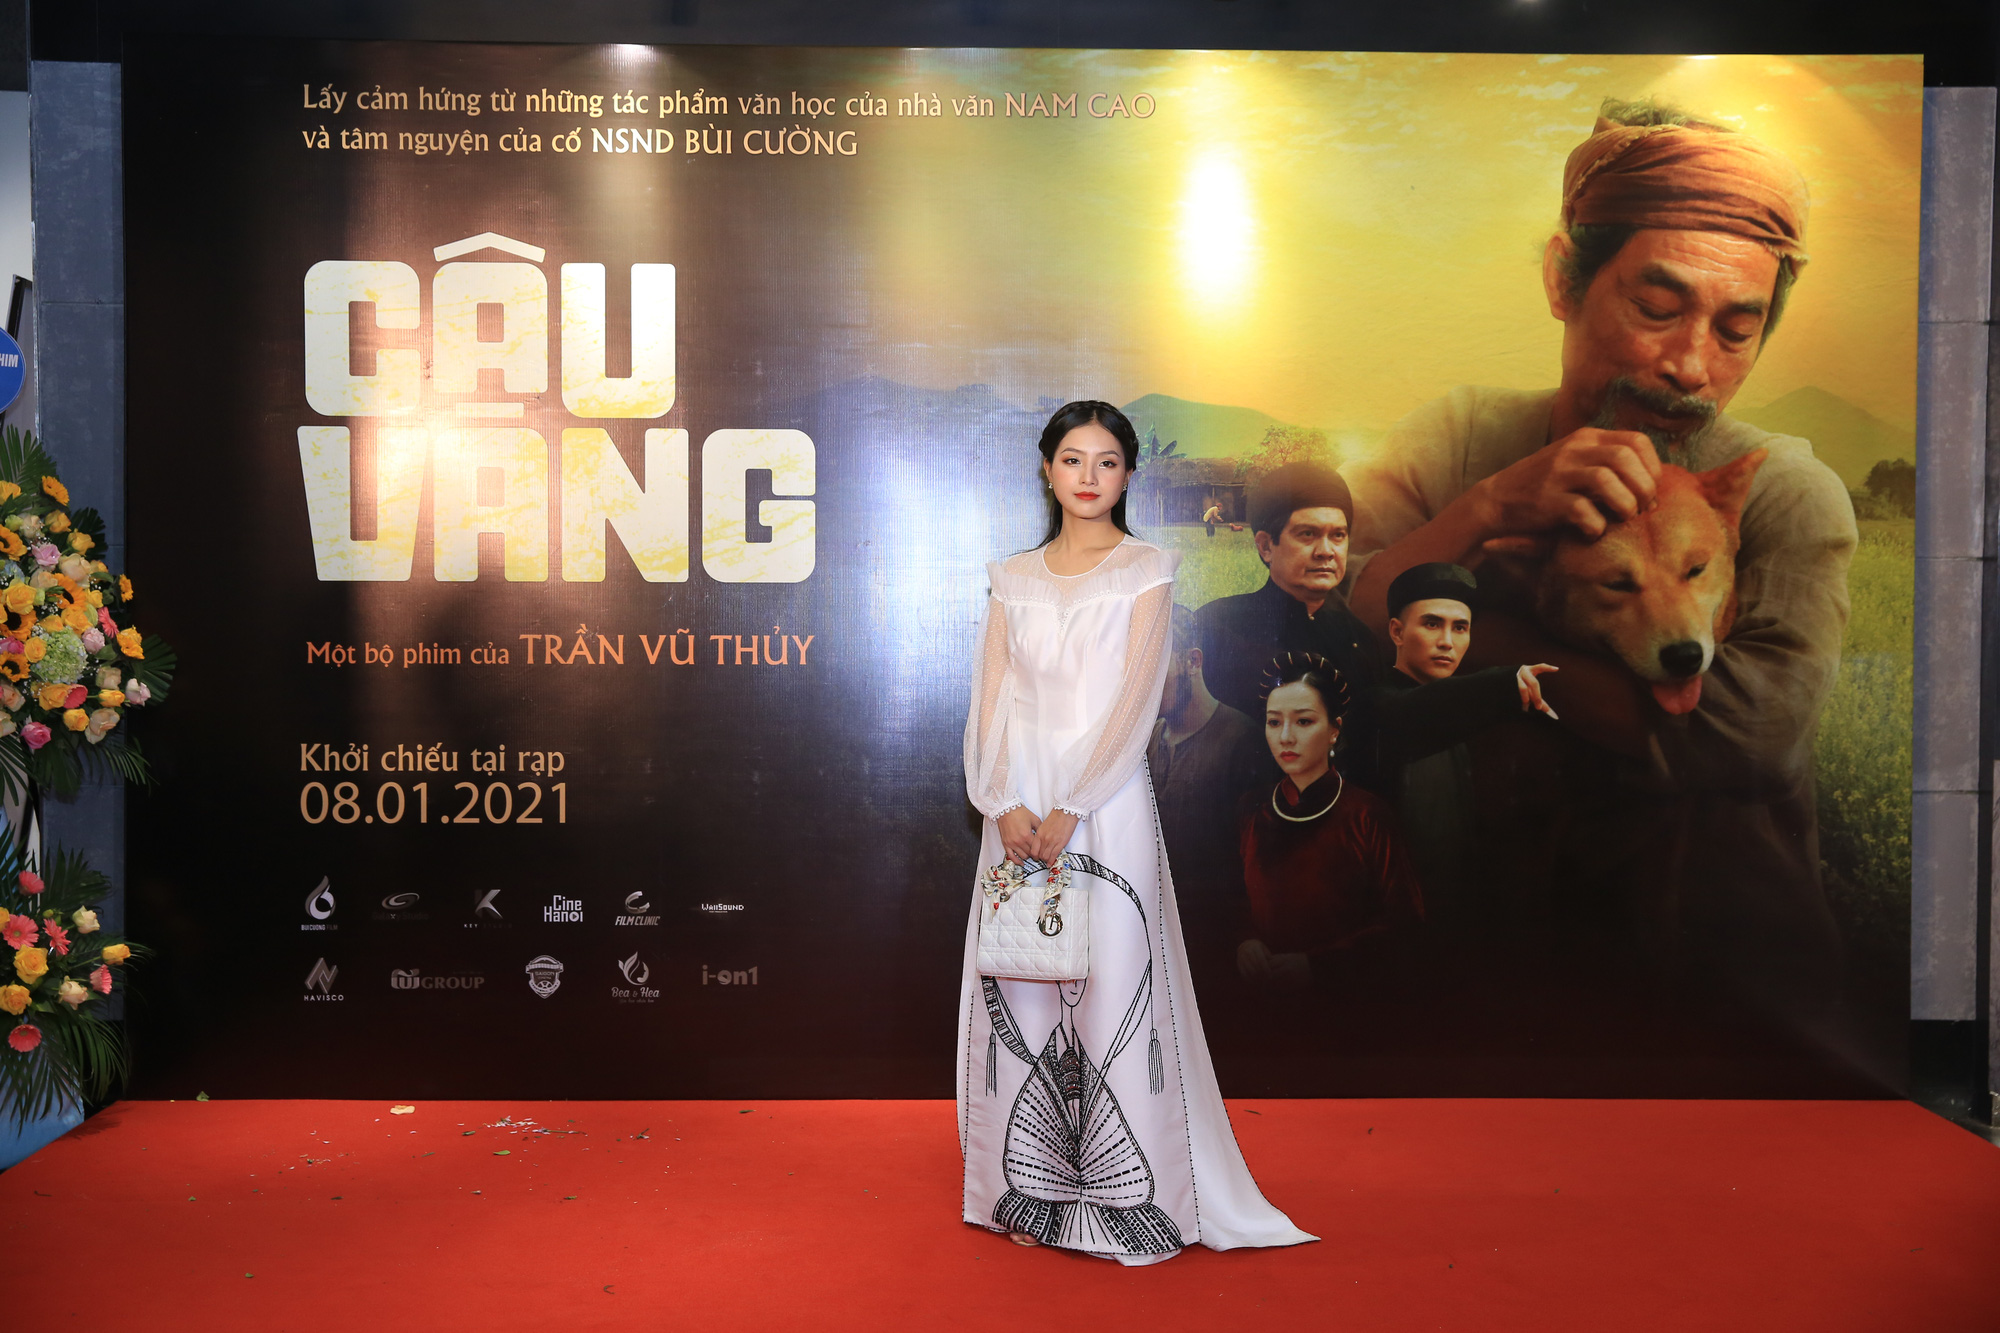 """Dàn diễn viên bắc nam đổ bộ tại buổi ra mắt """"Cậu Vàng"""" tại Hà Nội - Ảnh 6."""